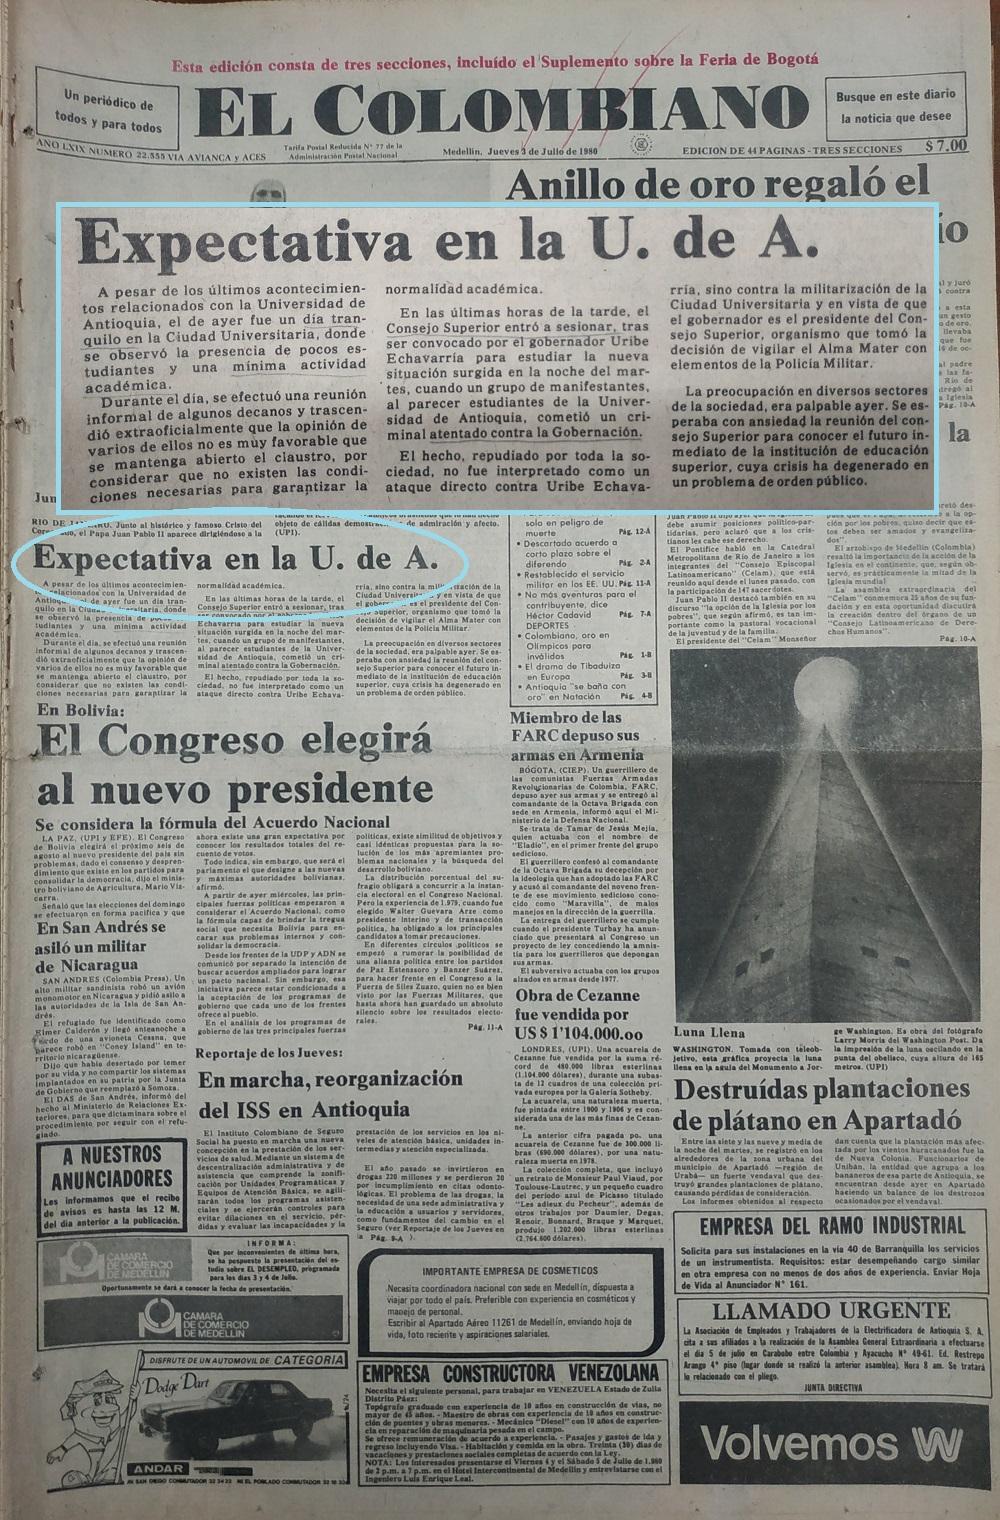 Fotografía tomada de la edición del 3 de julio de 1980 del periódico El Colombiano.